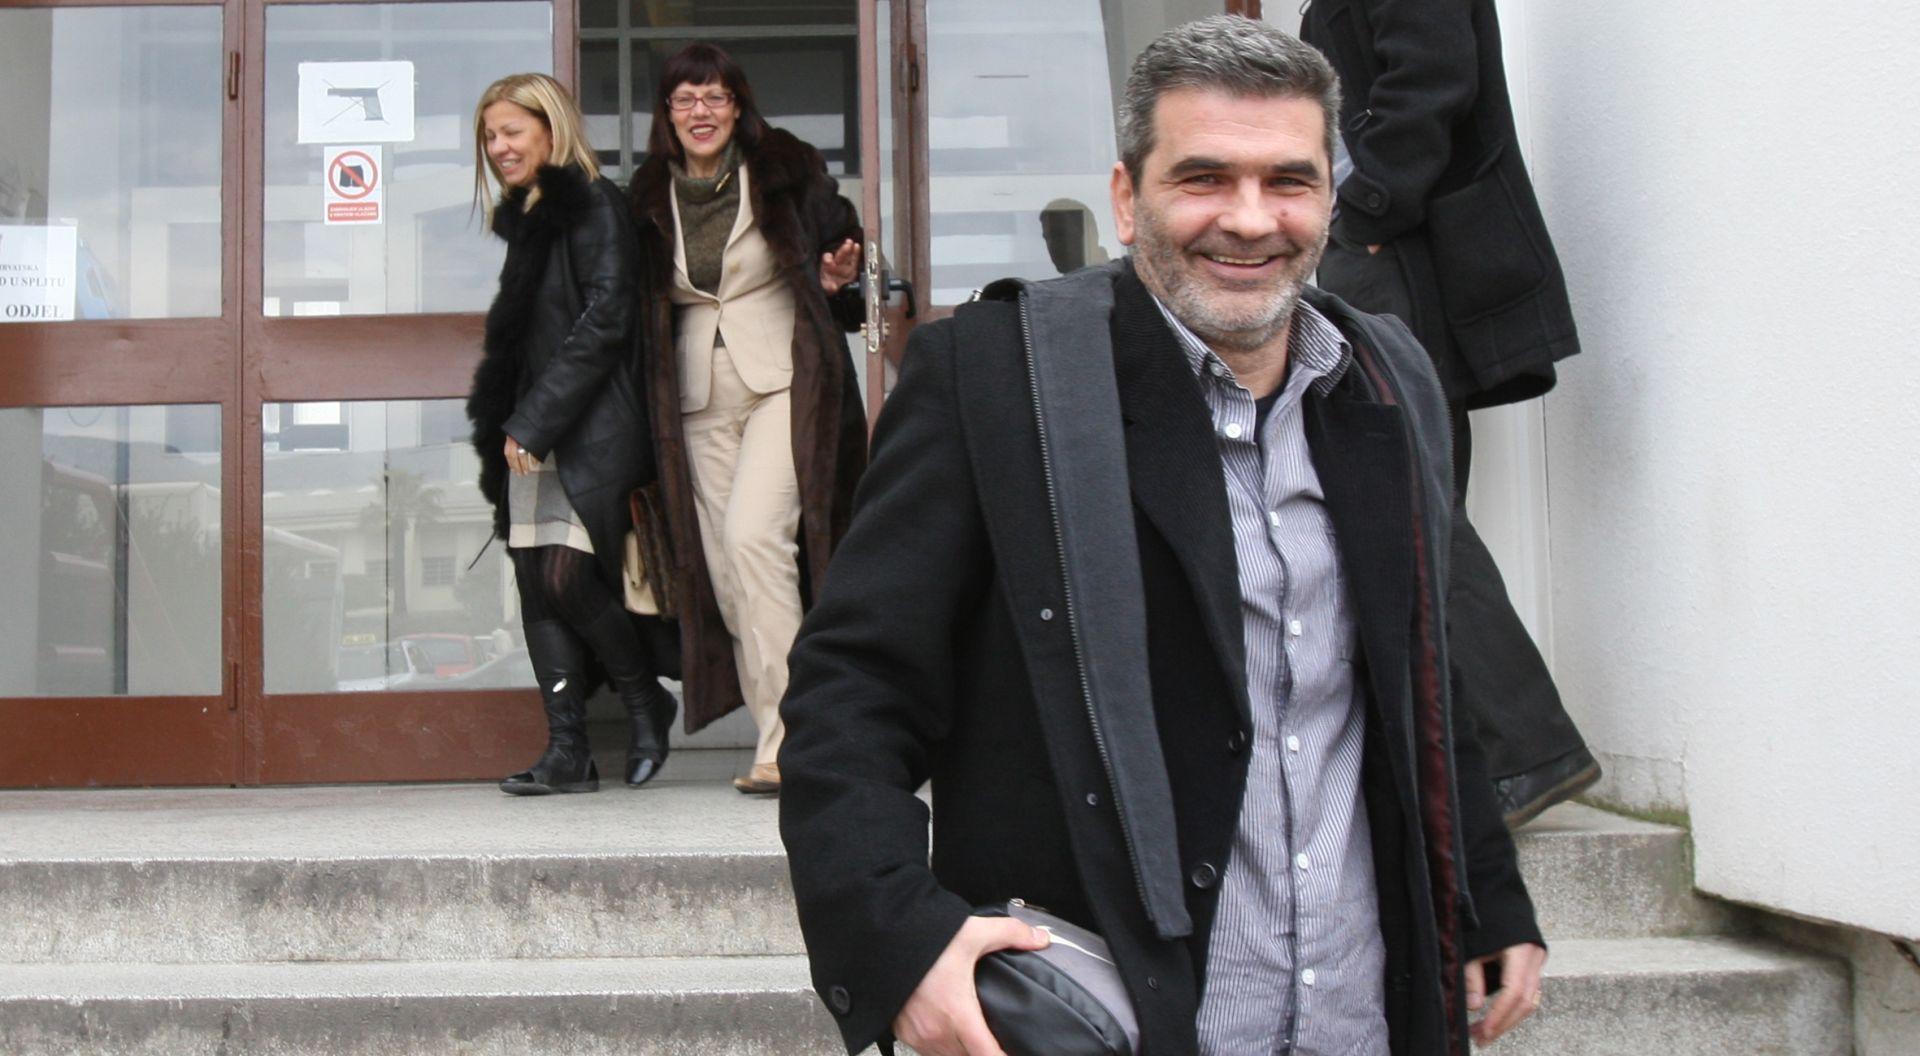 NOVE PROMJENE NA POLJUDU Blaž Slišković novi trener Hajduka?